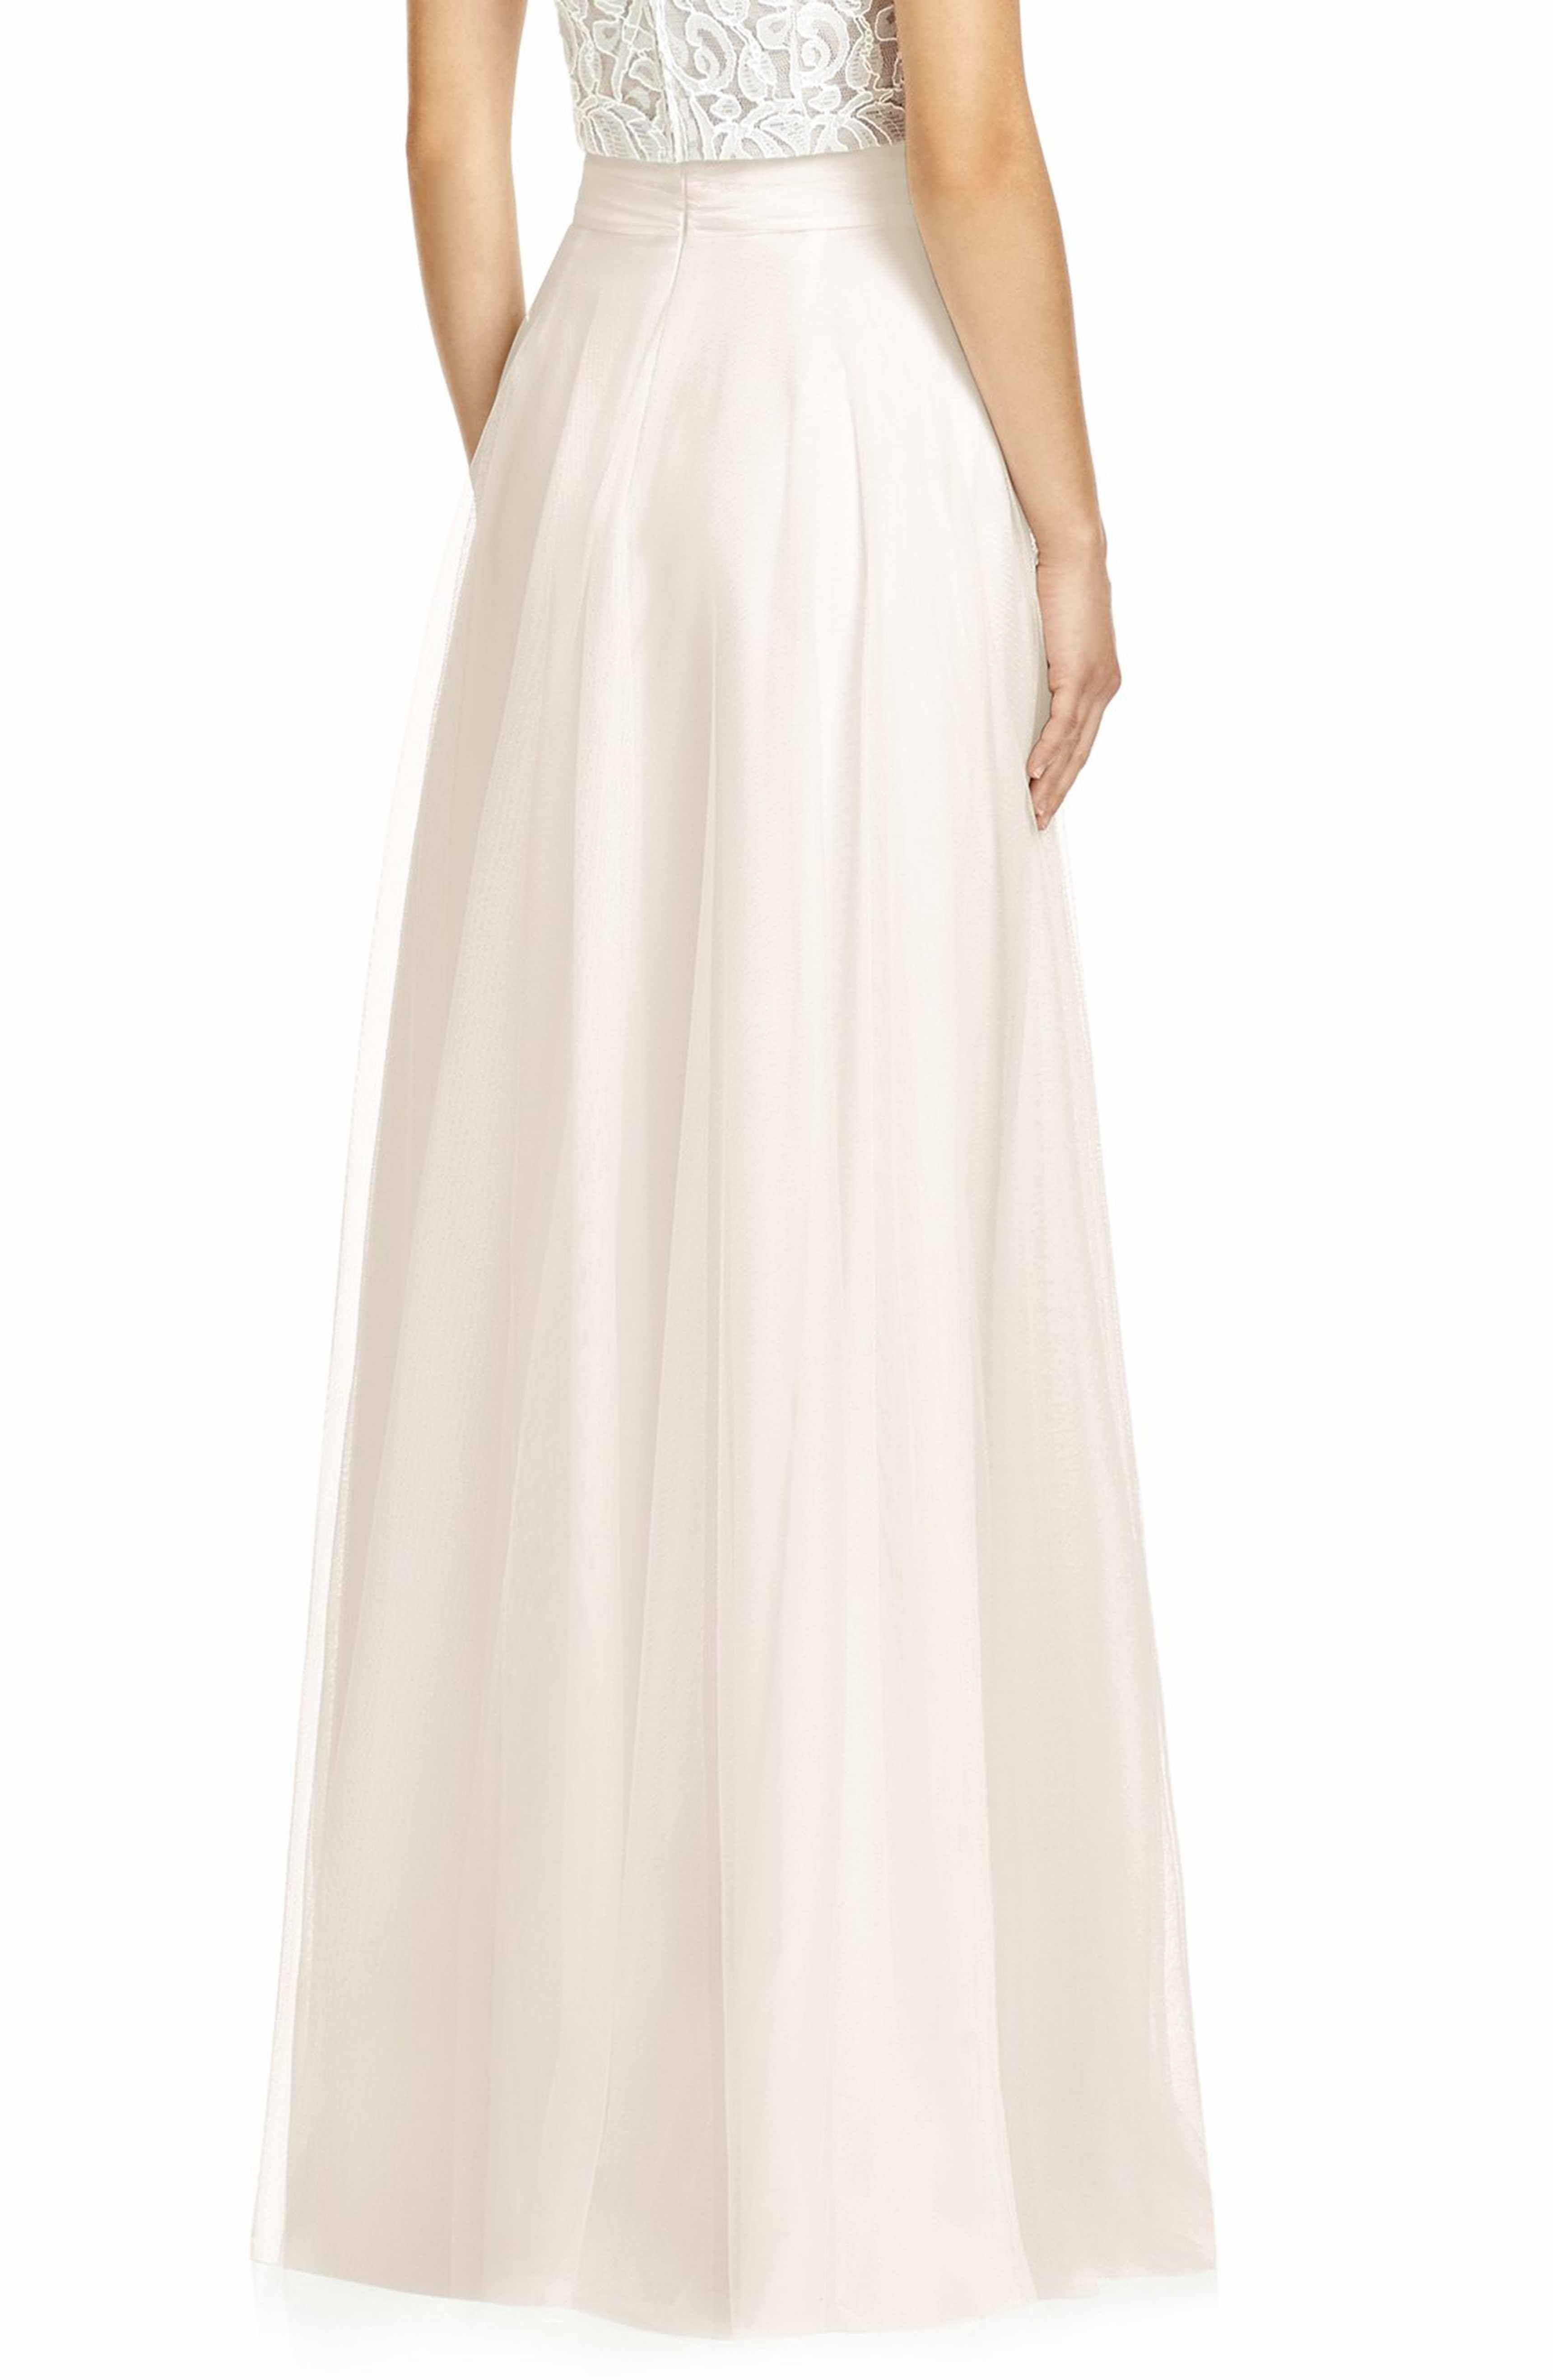 Tulle skirt wedding dress  Full Length Tulle Skirt  Tulle skirts Wedding dress and Weddings